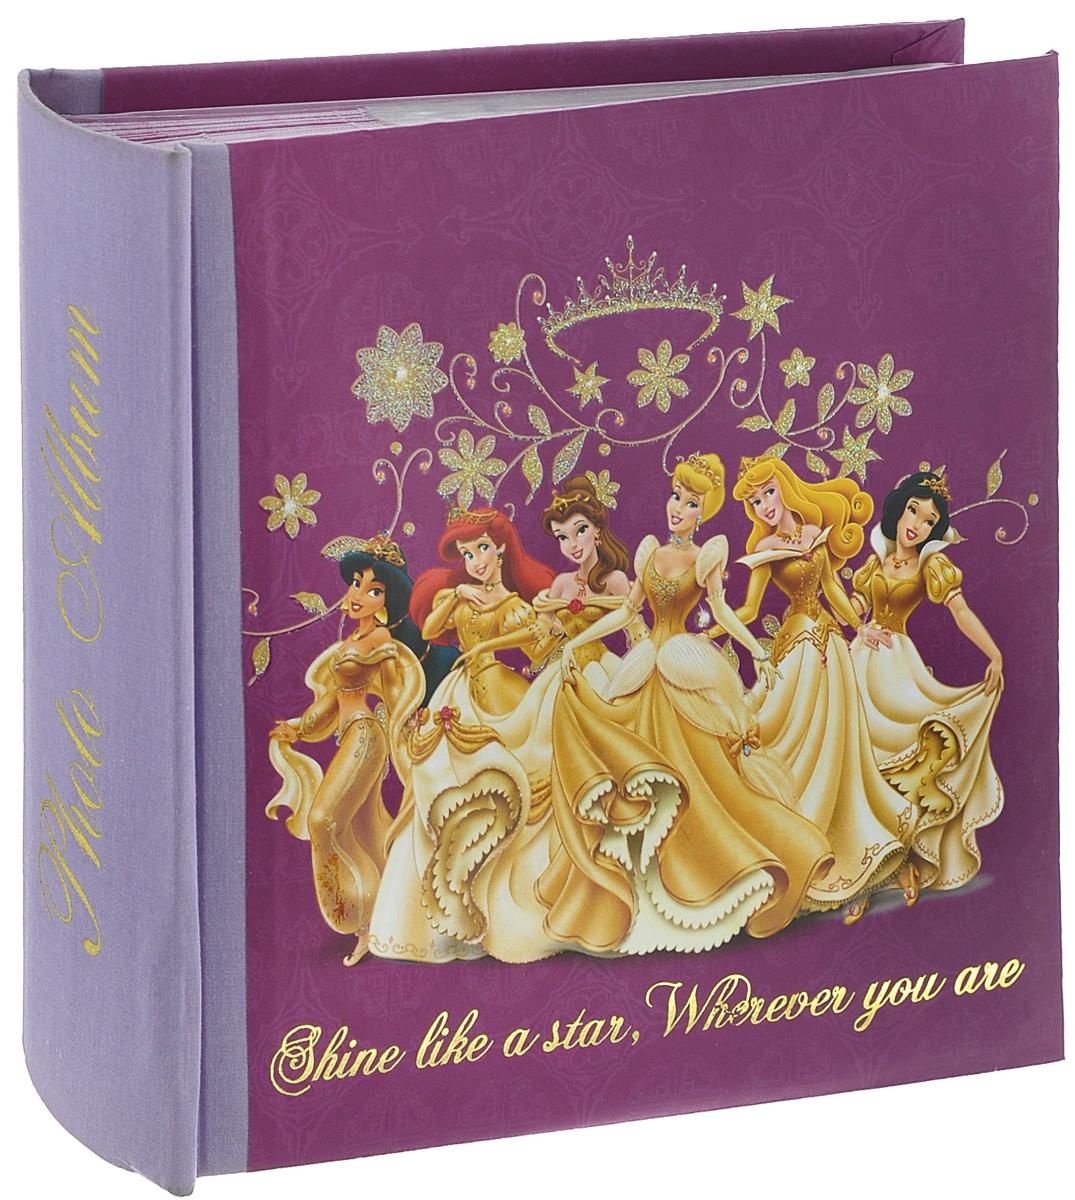 Фотоальбом Pioneer Gold Princess, 100 фотографий, 10 см х 15 см11200Фотоальбом Pioneer Gold Princess поможет красиво оформить ваши фотографии. Обложка, выполненная из толстого картона, оформлена изображением героев из известных мультфильмов. Внутри содержится блок из 50 листов с фиксаторами-окошками из полипропилена. Альбом рассчитан на 100 фотографий формата 10 см х 15 см (по 1 фотографии на странице). Переплет - книжный. Нам всегда так приятно вспоминать о самых счастливых моментах жизни, запечатленных на фотографиях. Поэтому фотоальбом является универсальным подарком к любому празднику. Количество листов: 50.